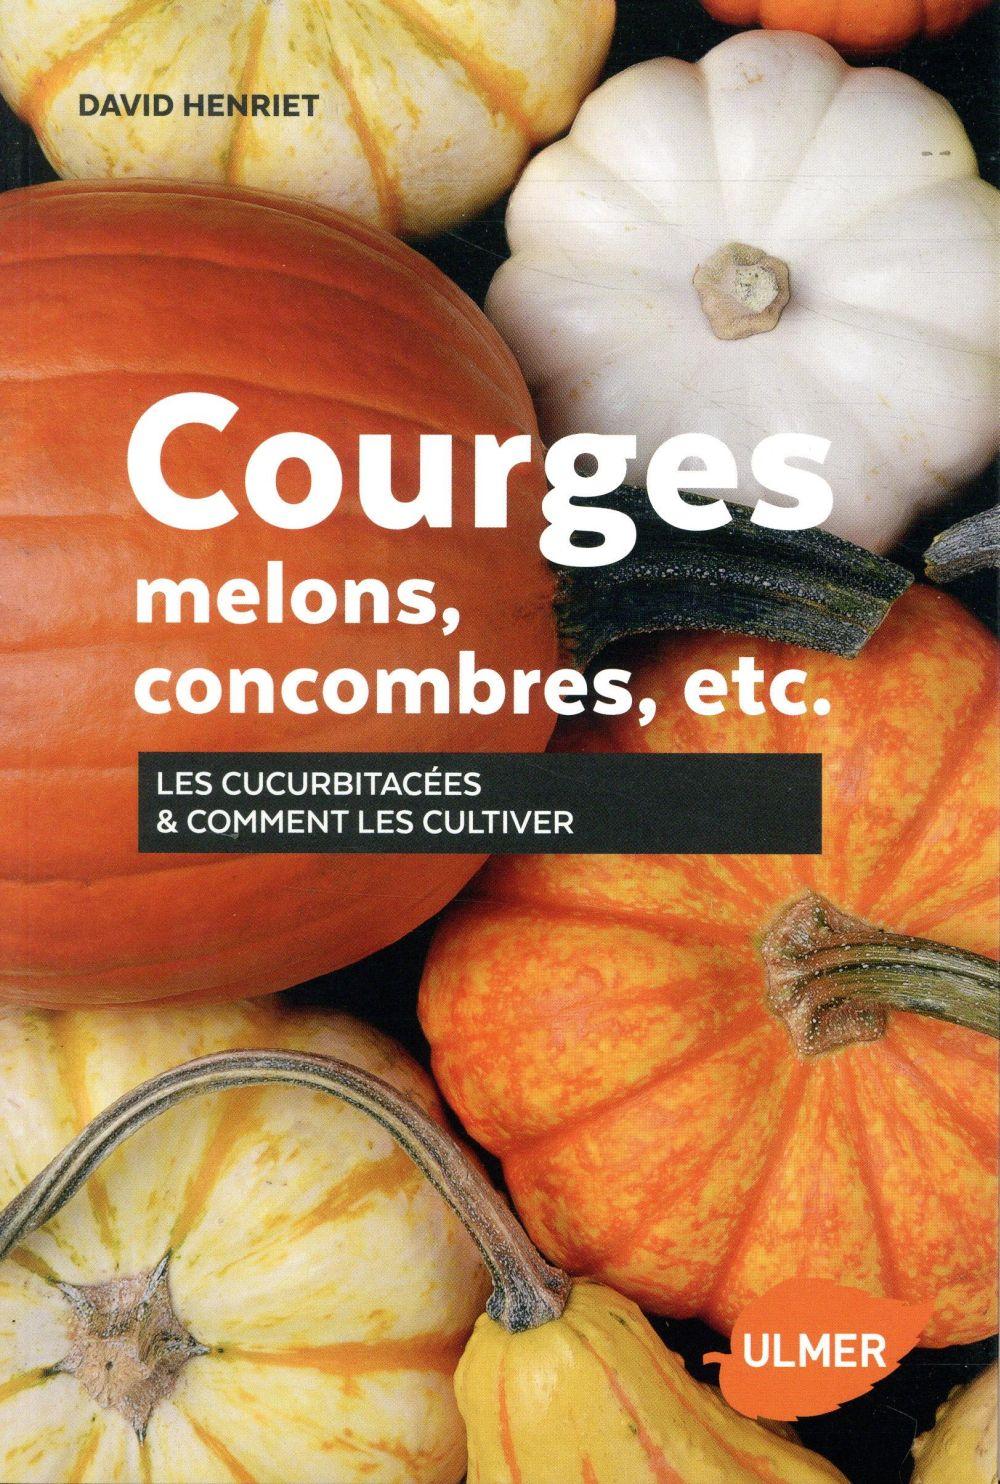 COURGES, MELONS, CONCOMBRES ETC  -  LES CUCURBITACEES et COMMENT LES CULTIVER HENRIET DAVID ULMER